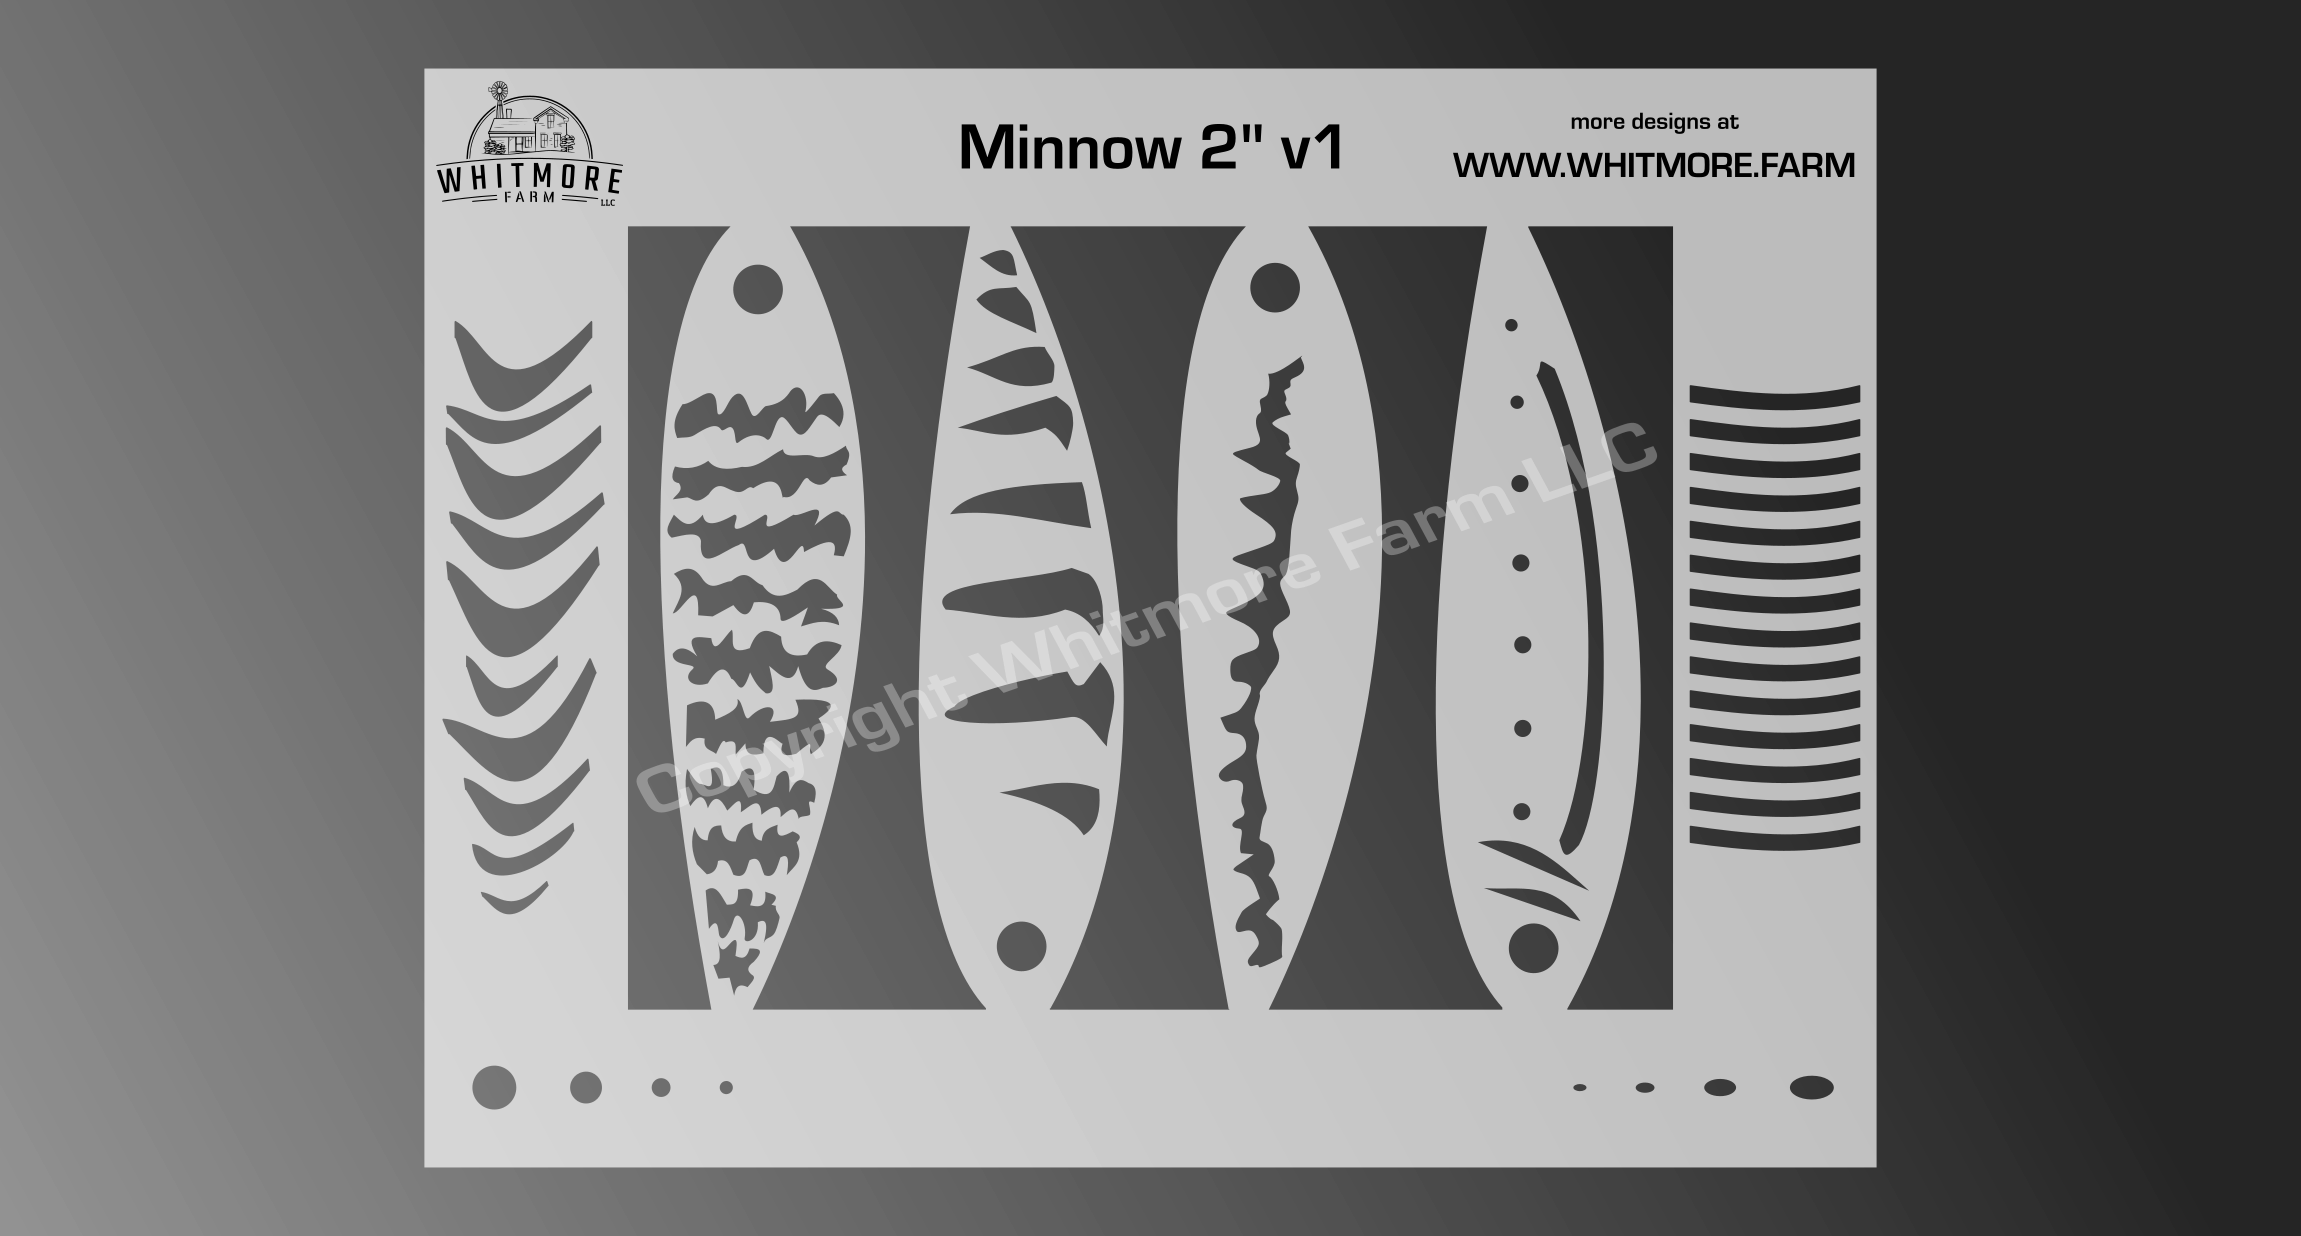 2 inch minnow